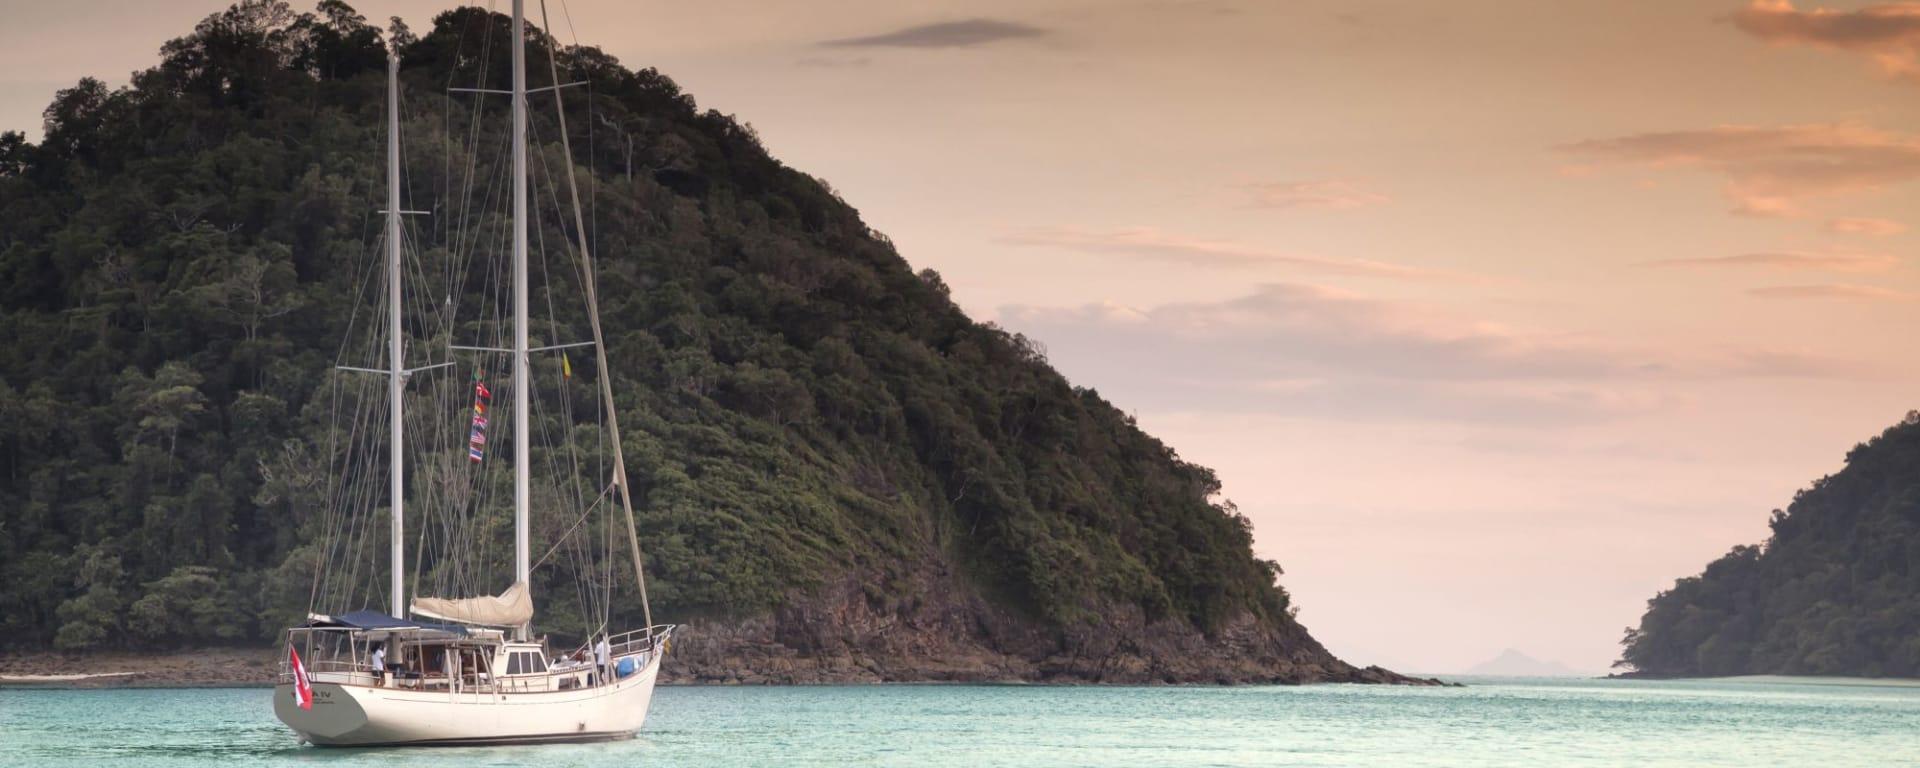 Croisière en voilier dans l'archipel paradisiaque des Mergui de Kawthaung: SY Meta IV at Mergui Archipelago 001